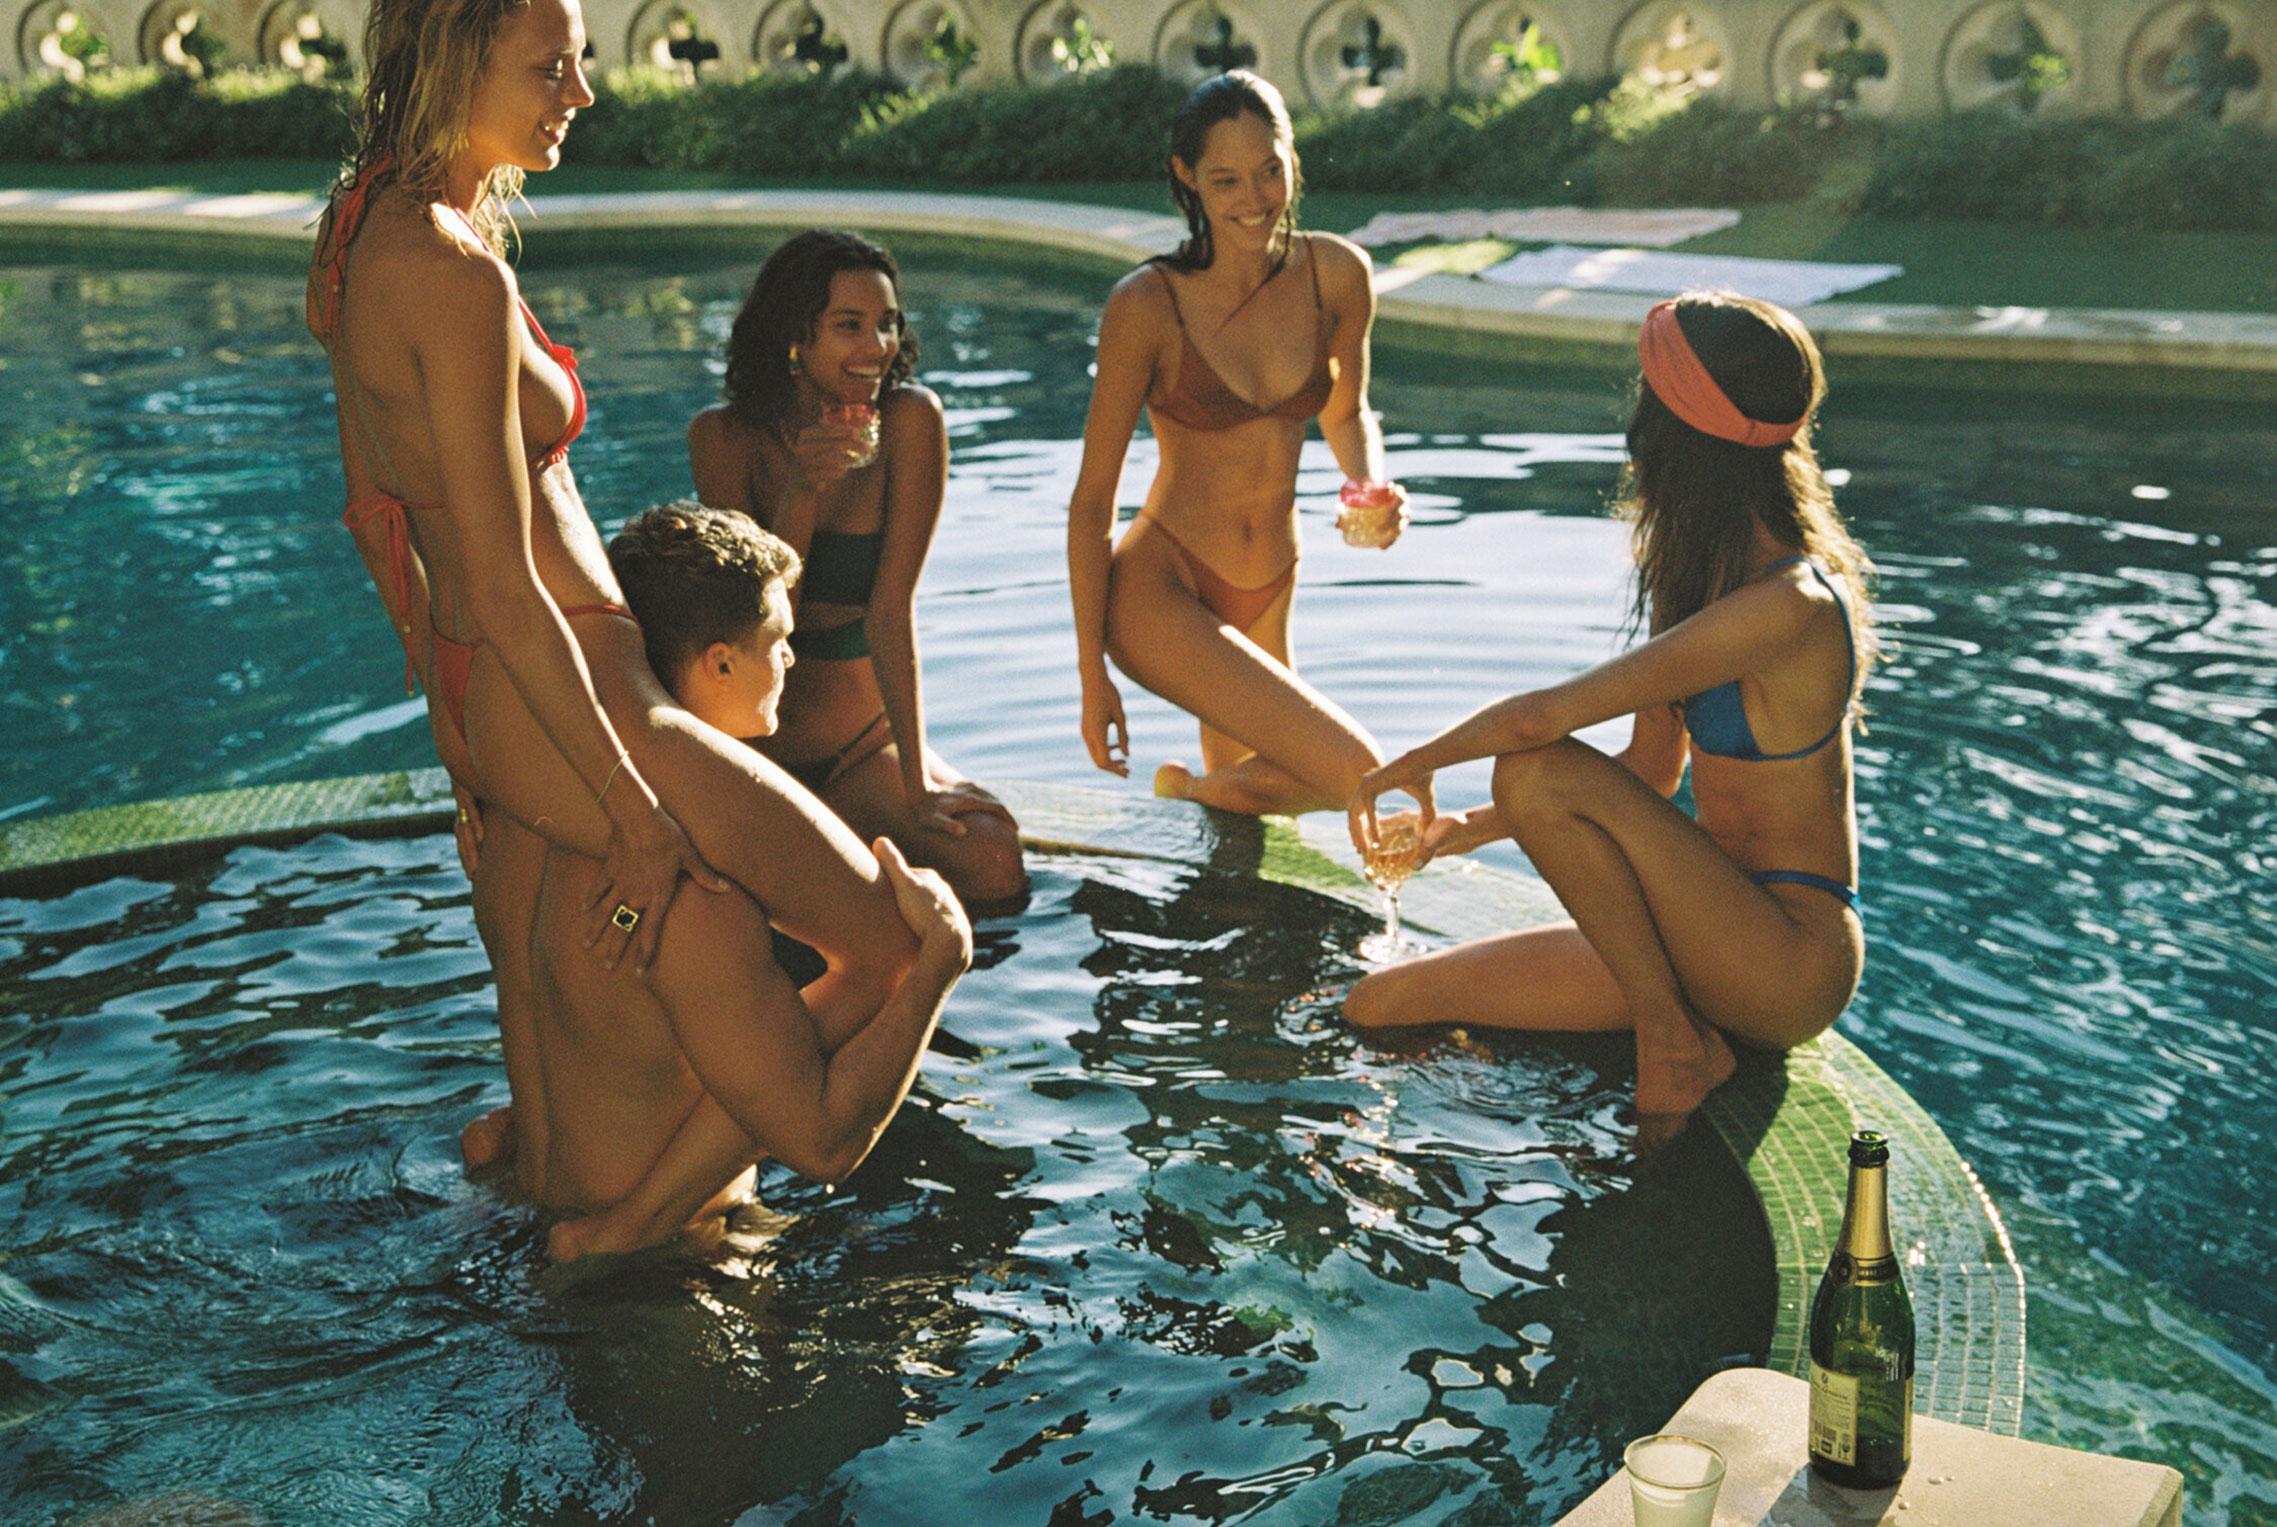 гедонистические развлечения богемы в рекламной кампании коллекции курортной одежды Sommer Swim 2020 / фото 29